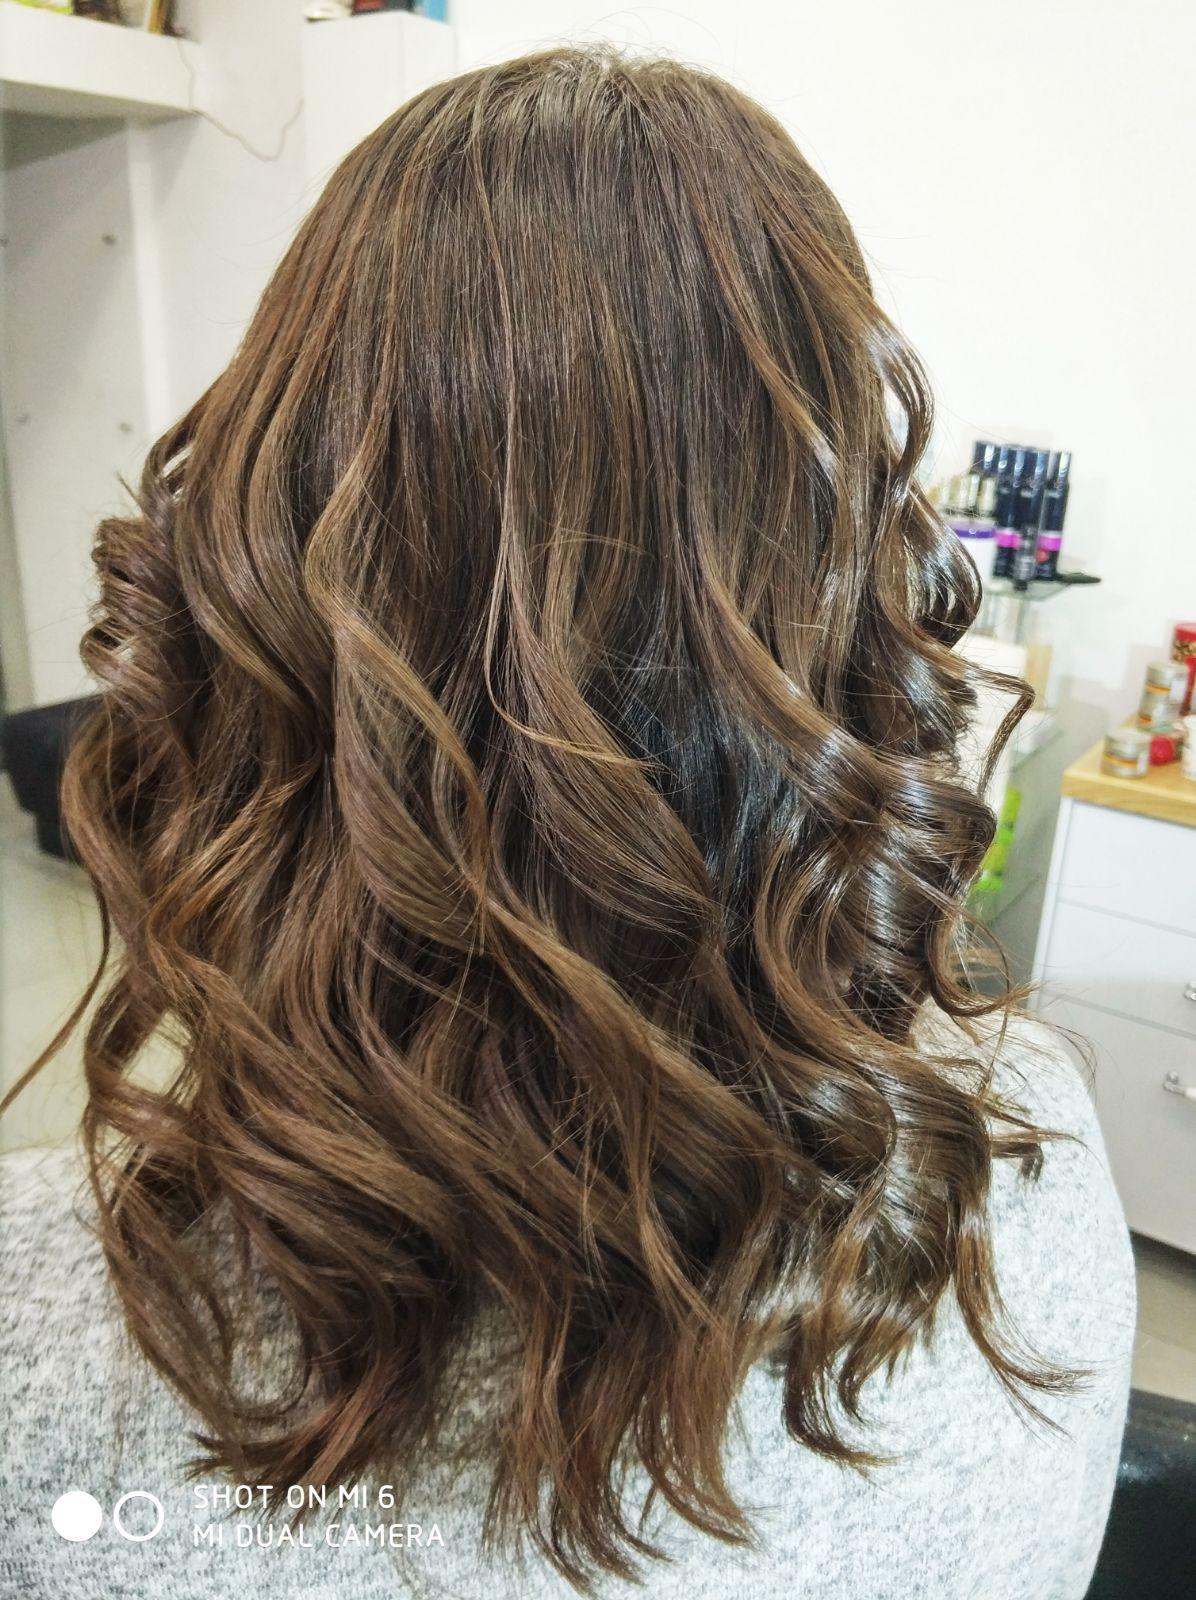 צבע שיער טבעי ברק בשיער